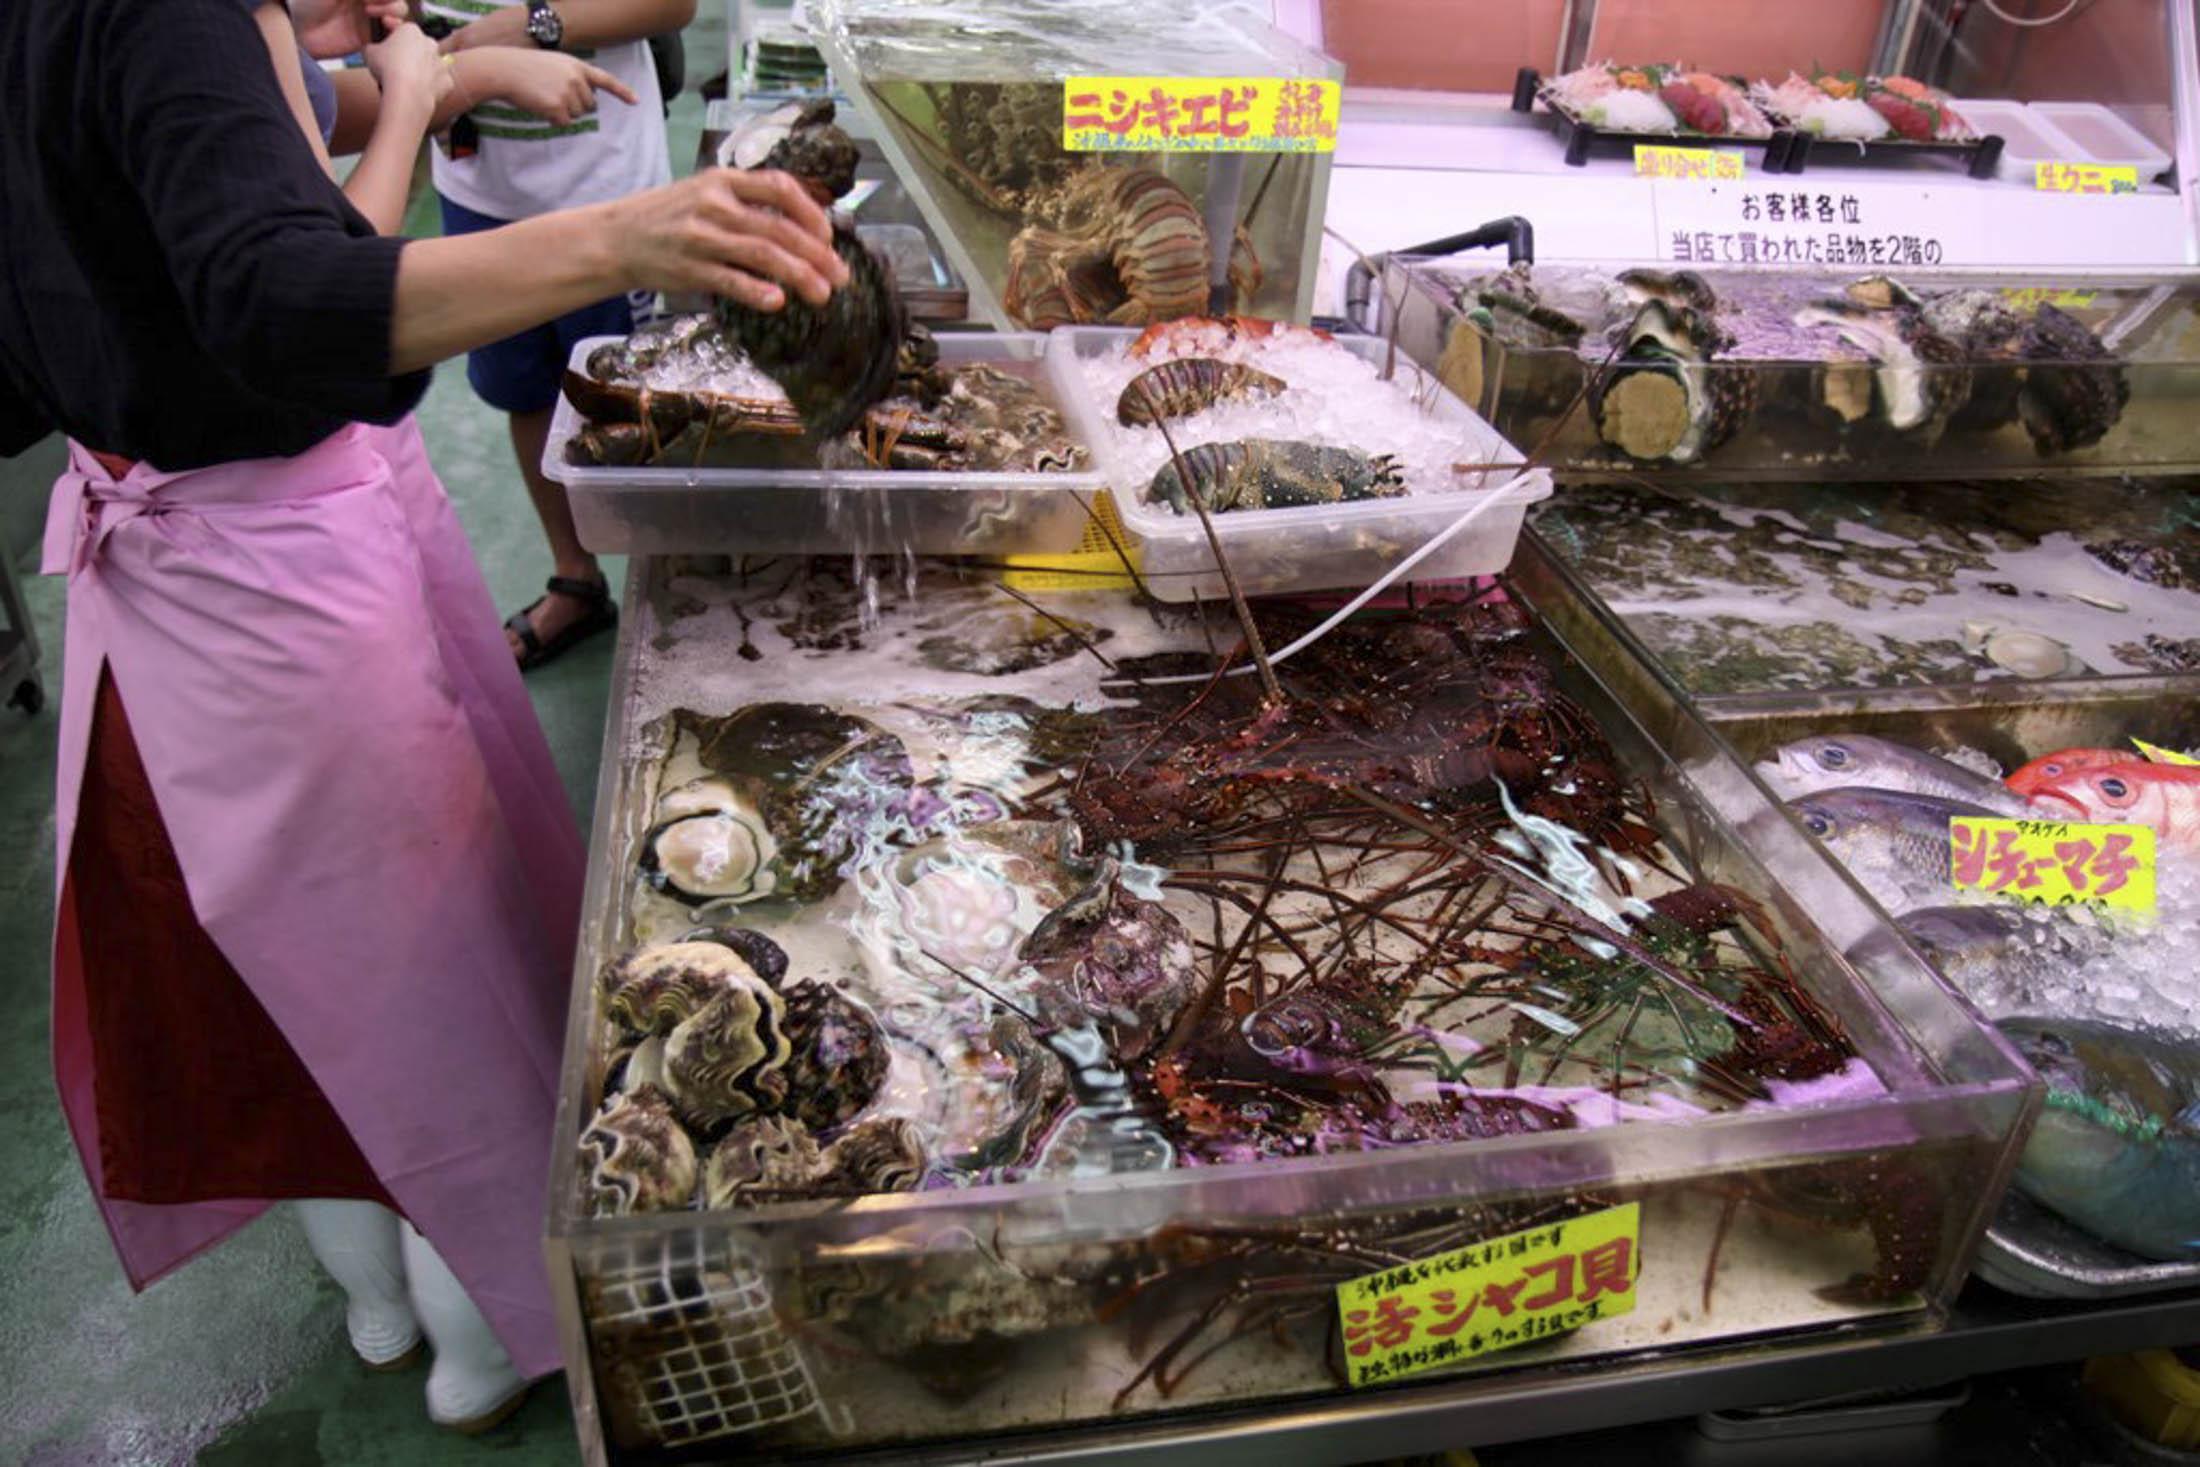 Makishi Public Market, Naha